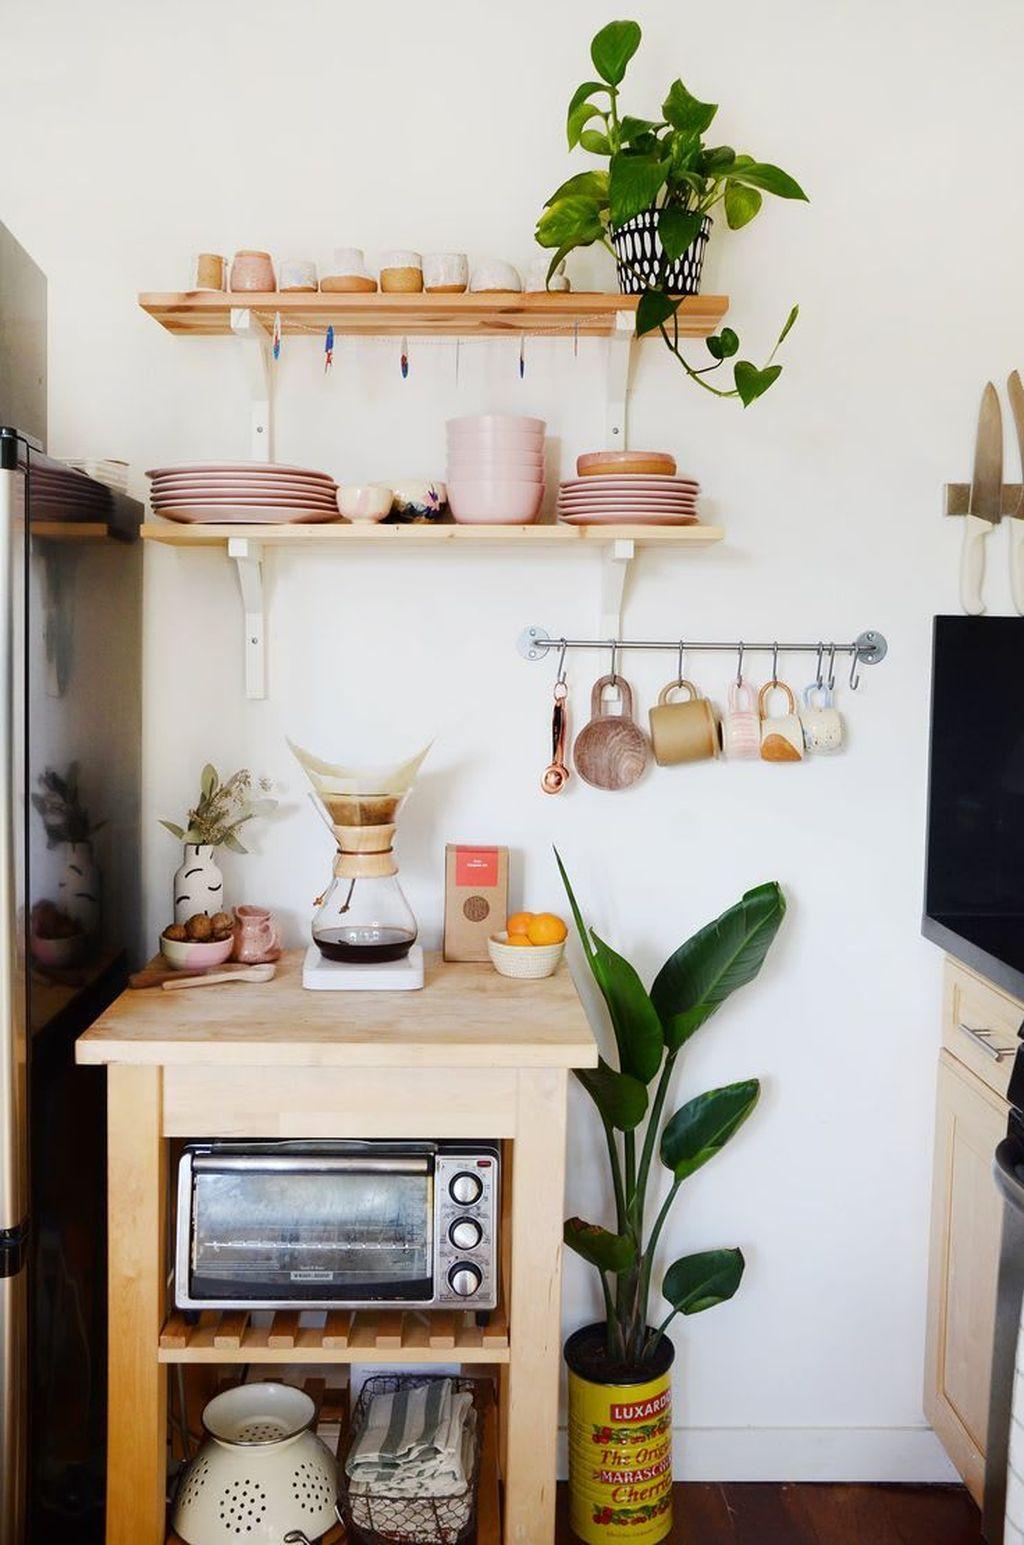 Brilliant Tiny Apartment Decorating Ideas You Should Copy 01